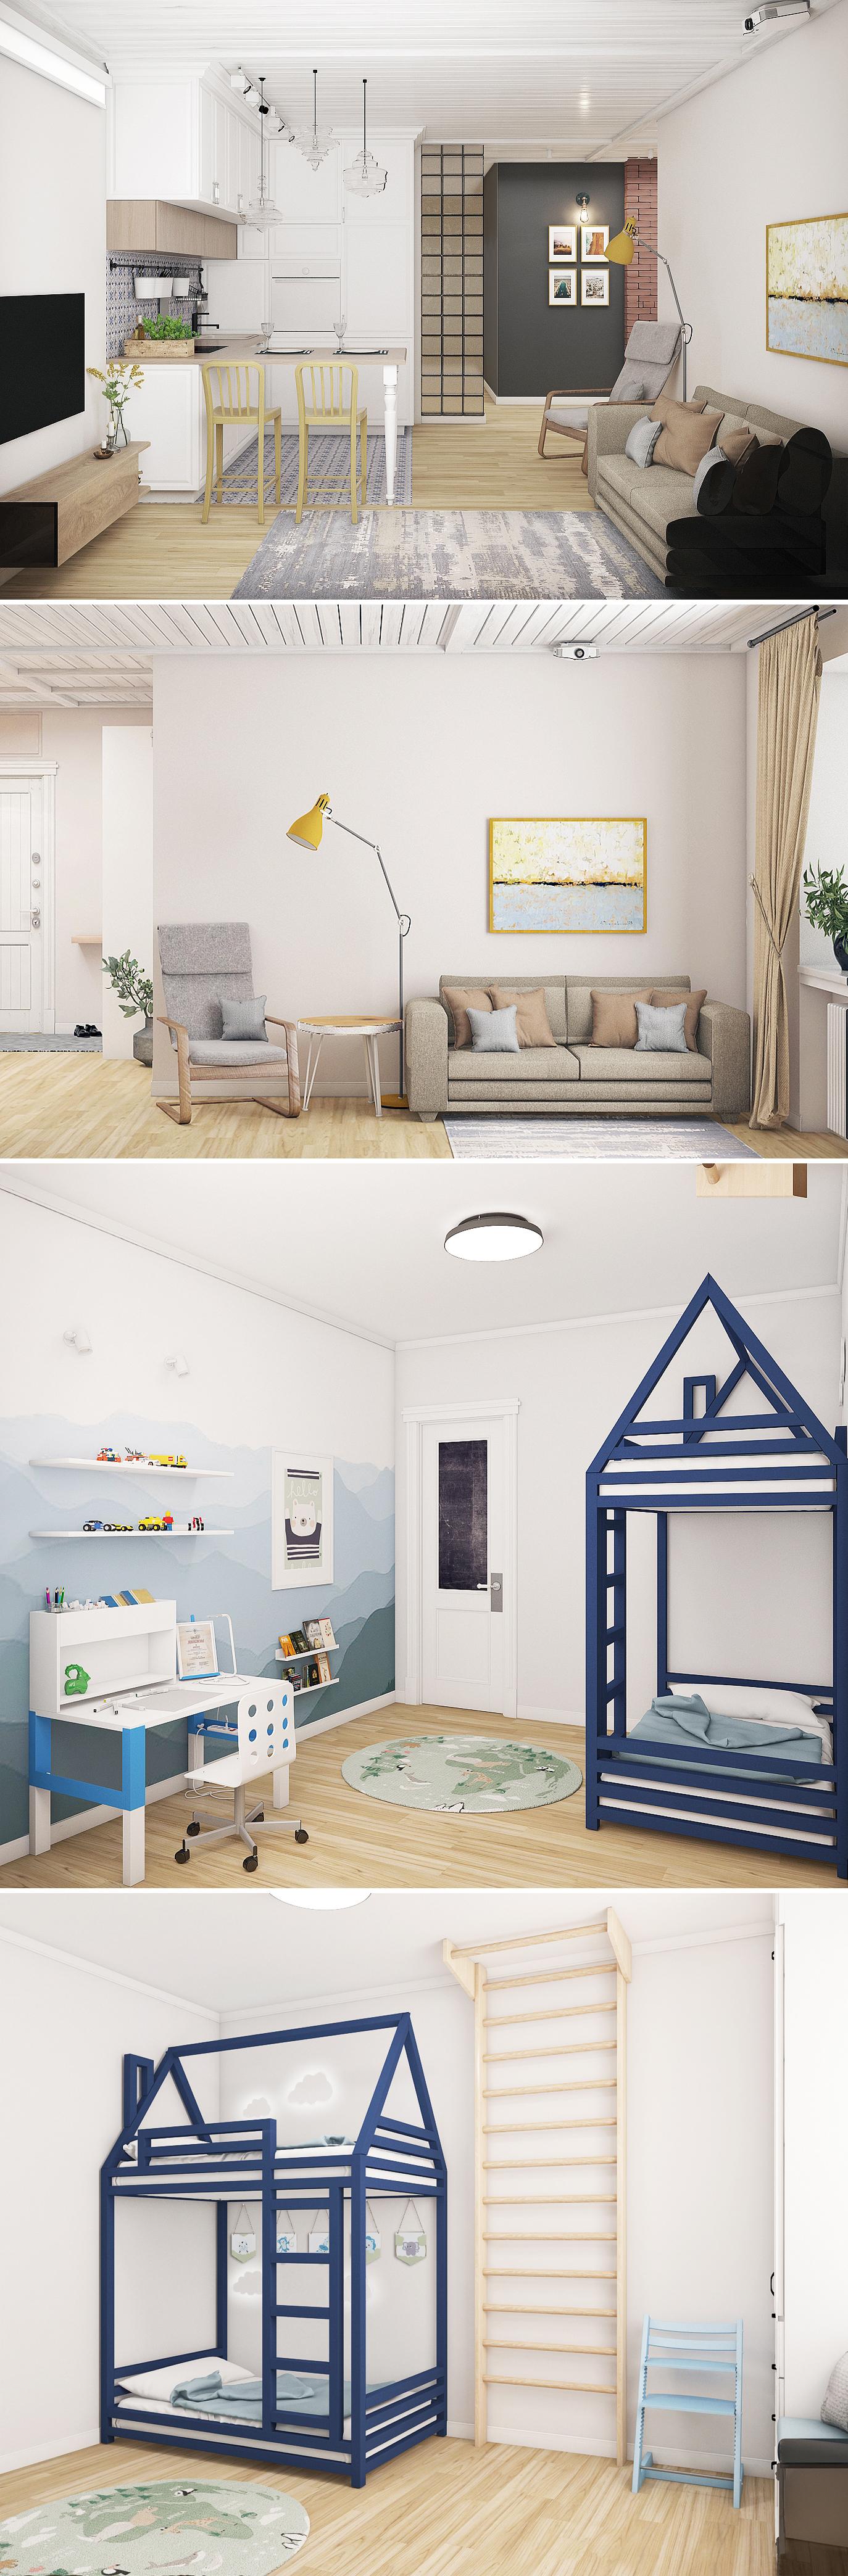 Квартира в скандинавском стиле (Сургут)